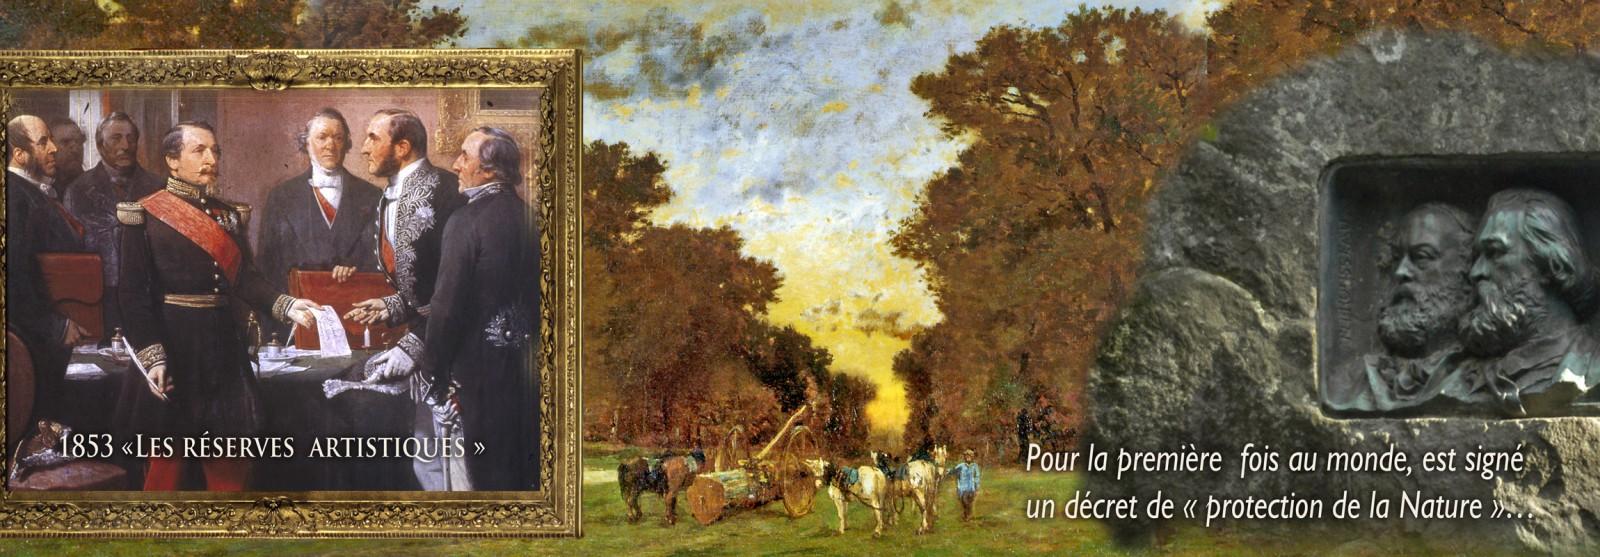 Georges GASSIES (1829-1919)- Coucher de soleil, forêt de Fontainebleau Huile sur toile, dimension? Barbizon. musée de l'Auberge Ganne Musée départemental de l'Ecole de Barbizon